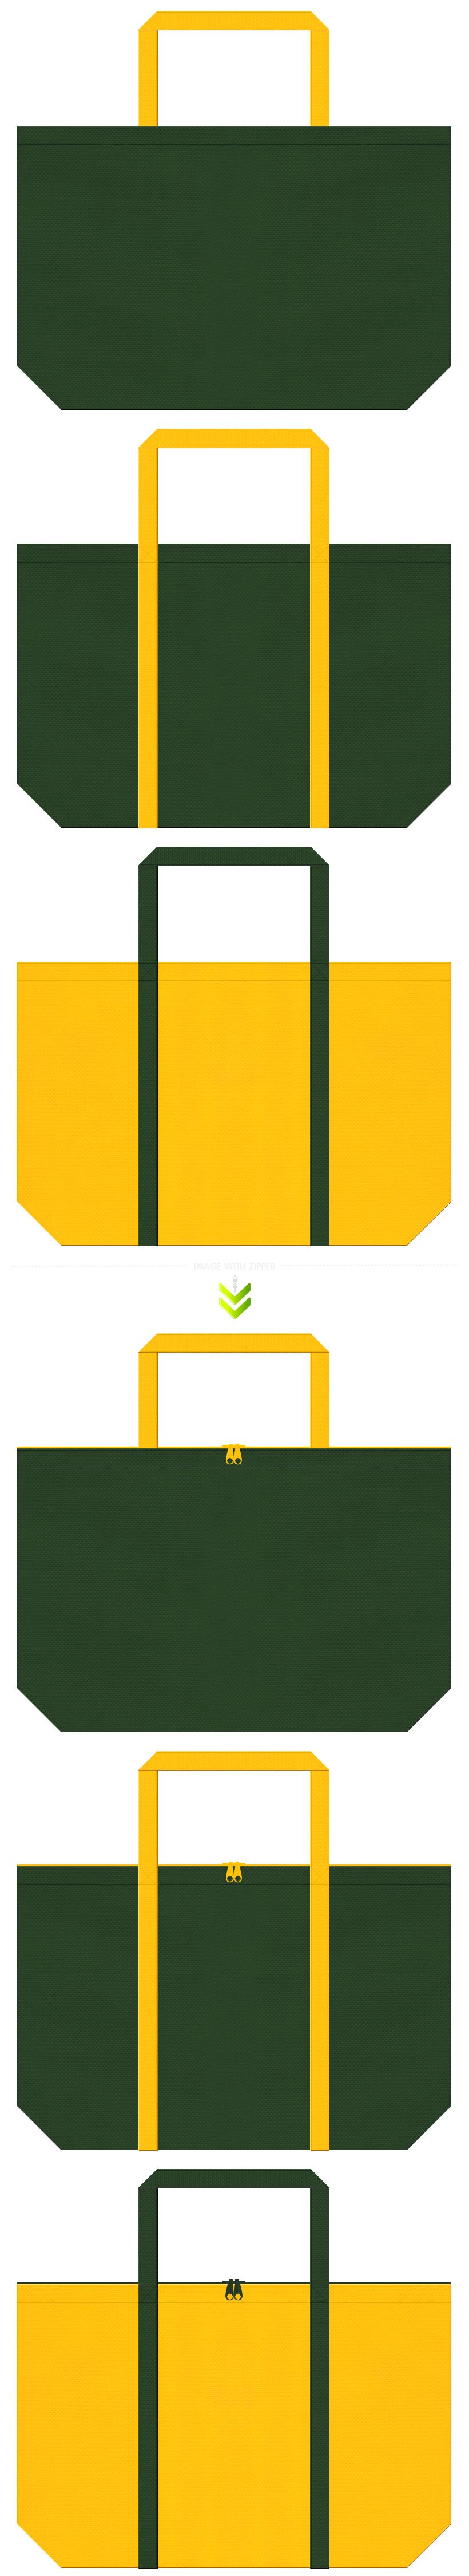 濃緑色と黄色の不織布エコバッグのデザイン。キャンプ用品・アウトドア用品のショッピングバッグにお奨めです。